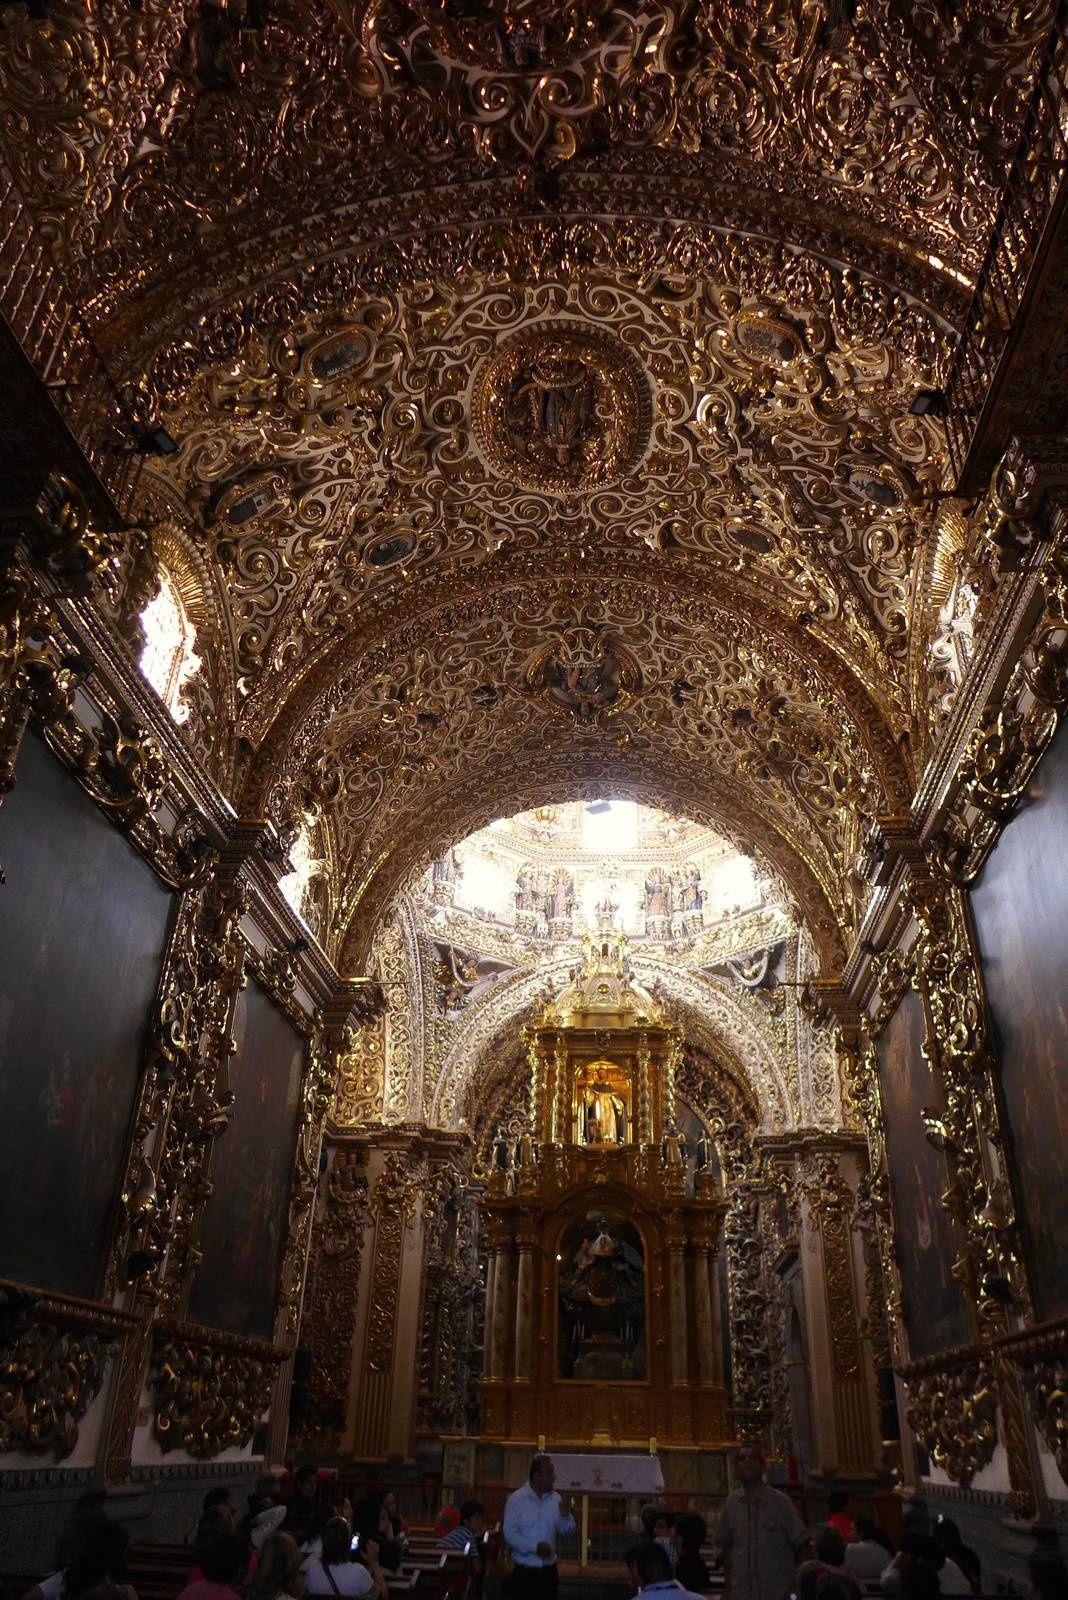 Templo de Santo domingo. Eglise dominicaine comporte une splendide Capilla del rosario (chapelle du Rosaire) au sud du maître-autel. Construite entre 1650 et 1690, elle comporte une profusion de plâtre doré.